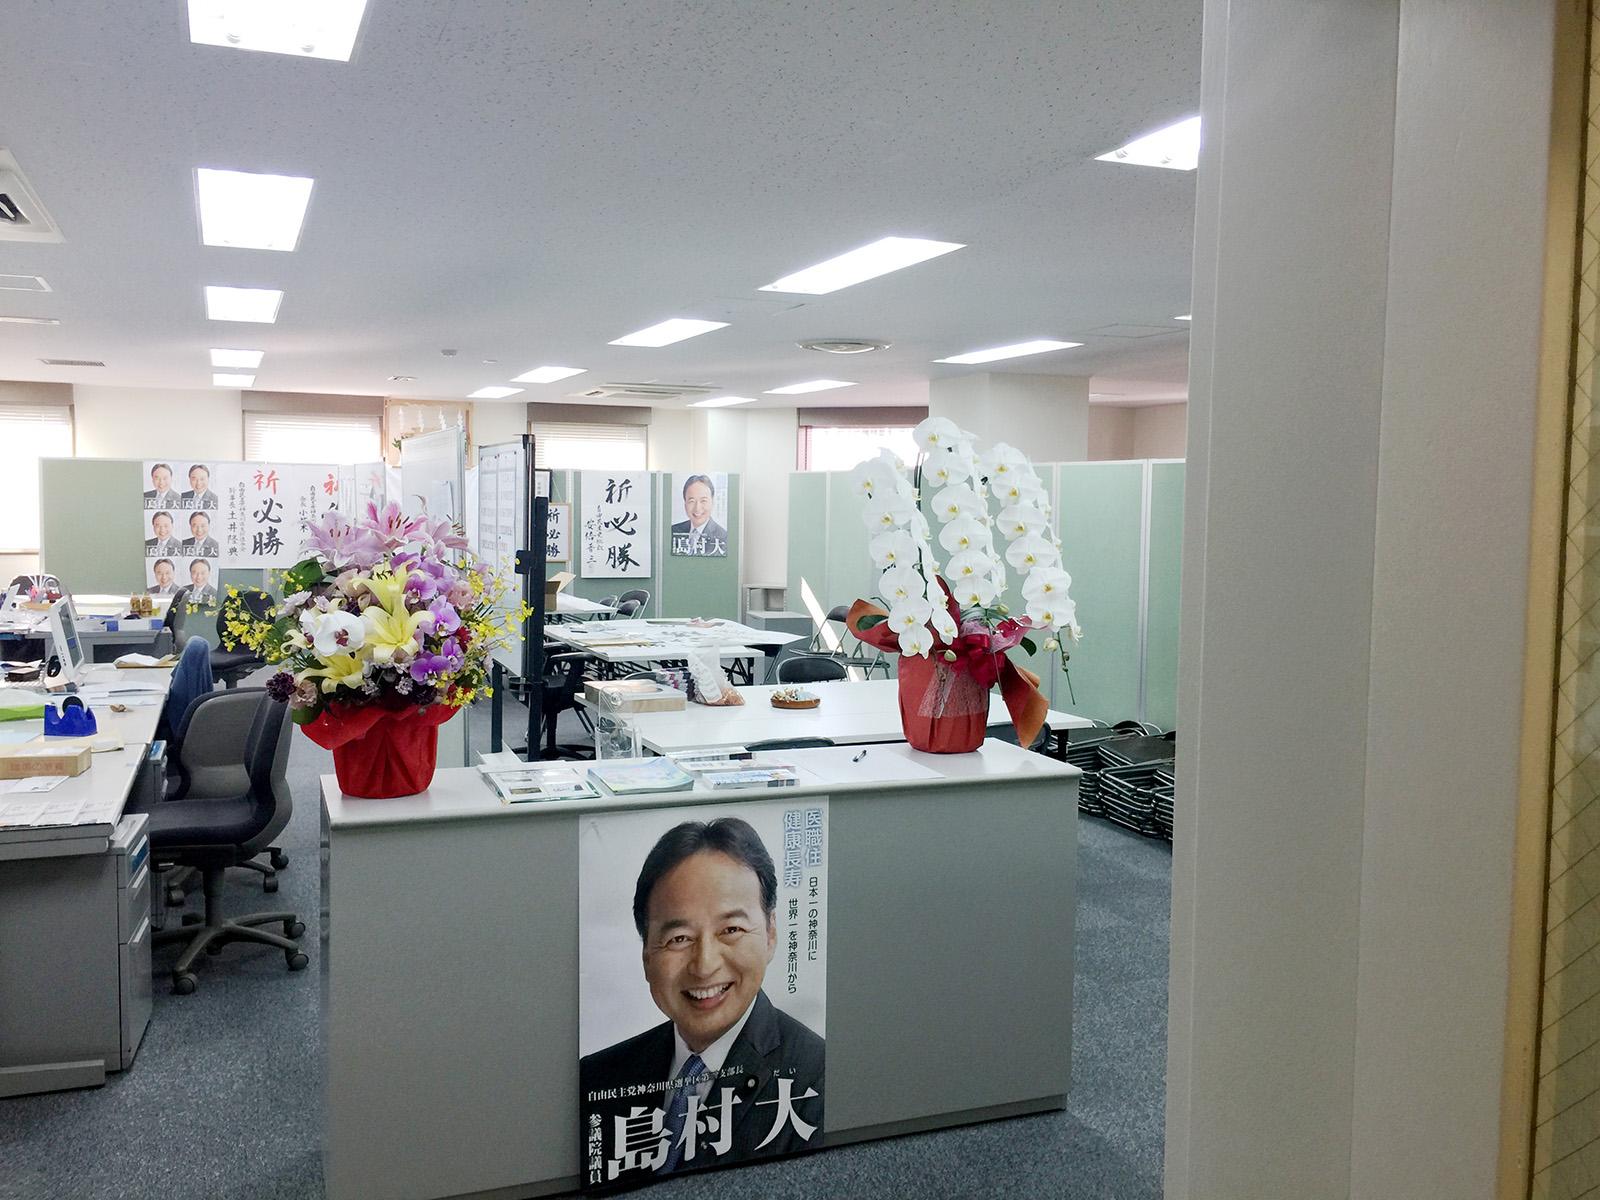 新事務所開設のお知らせ